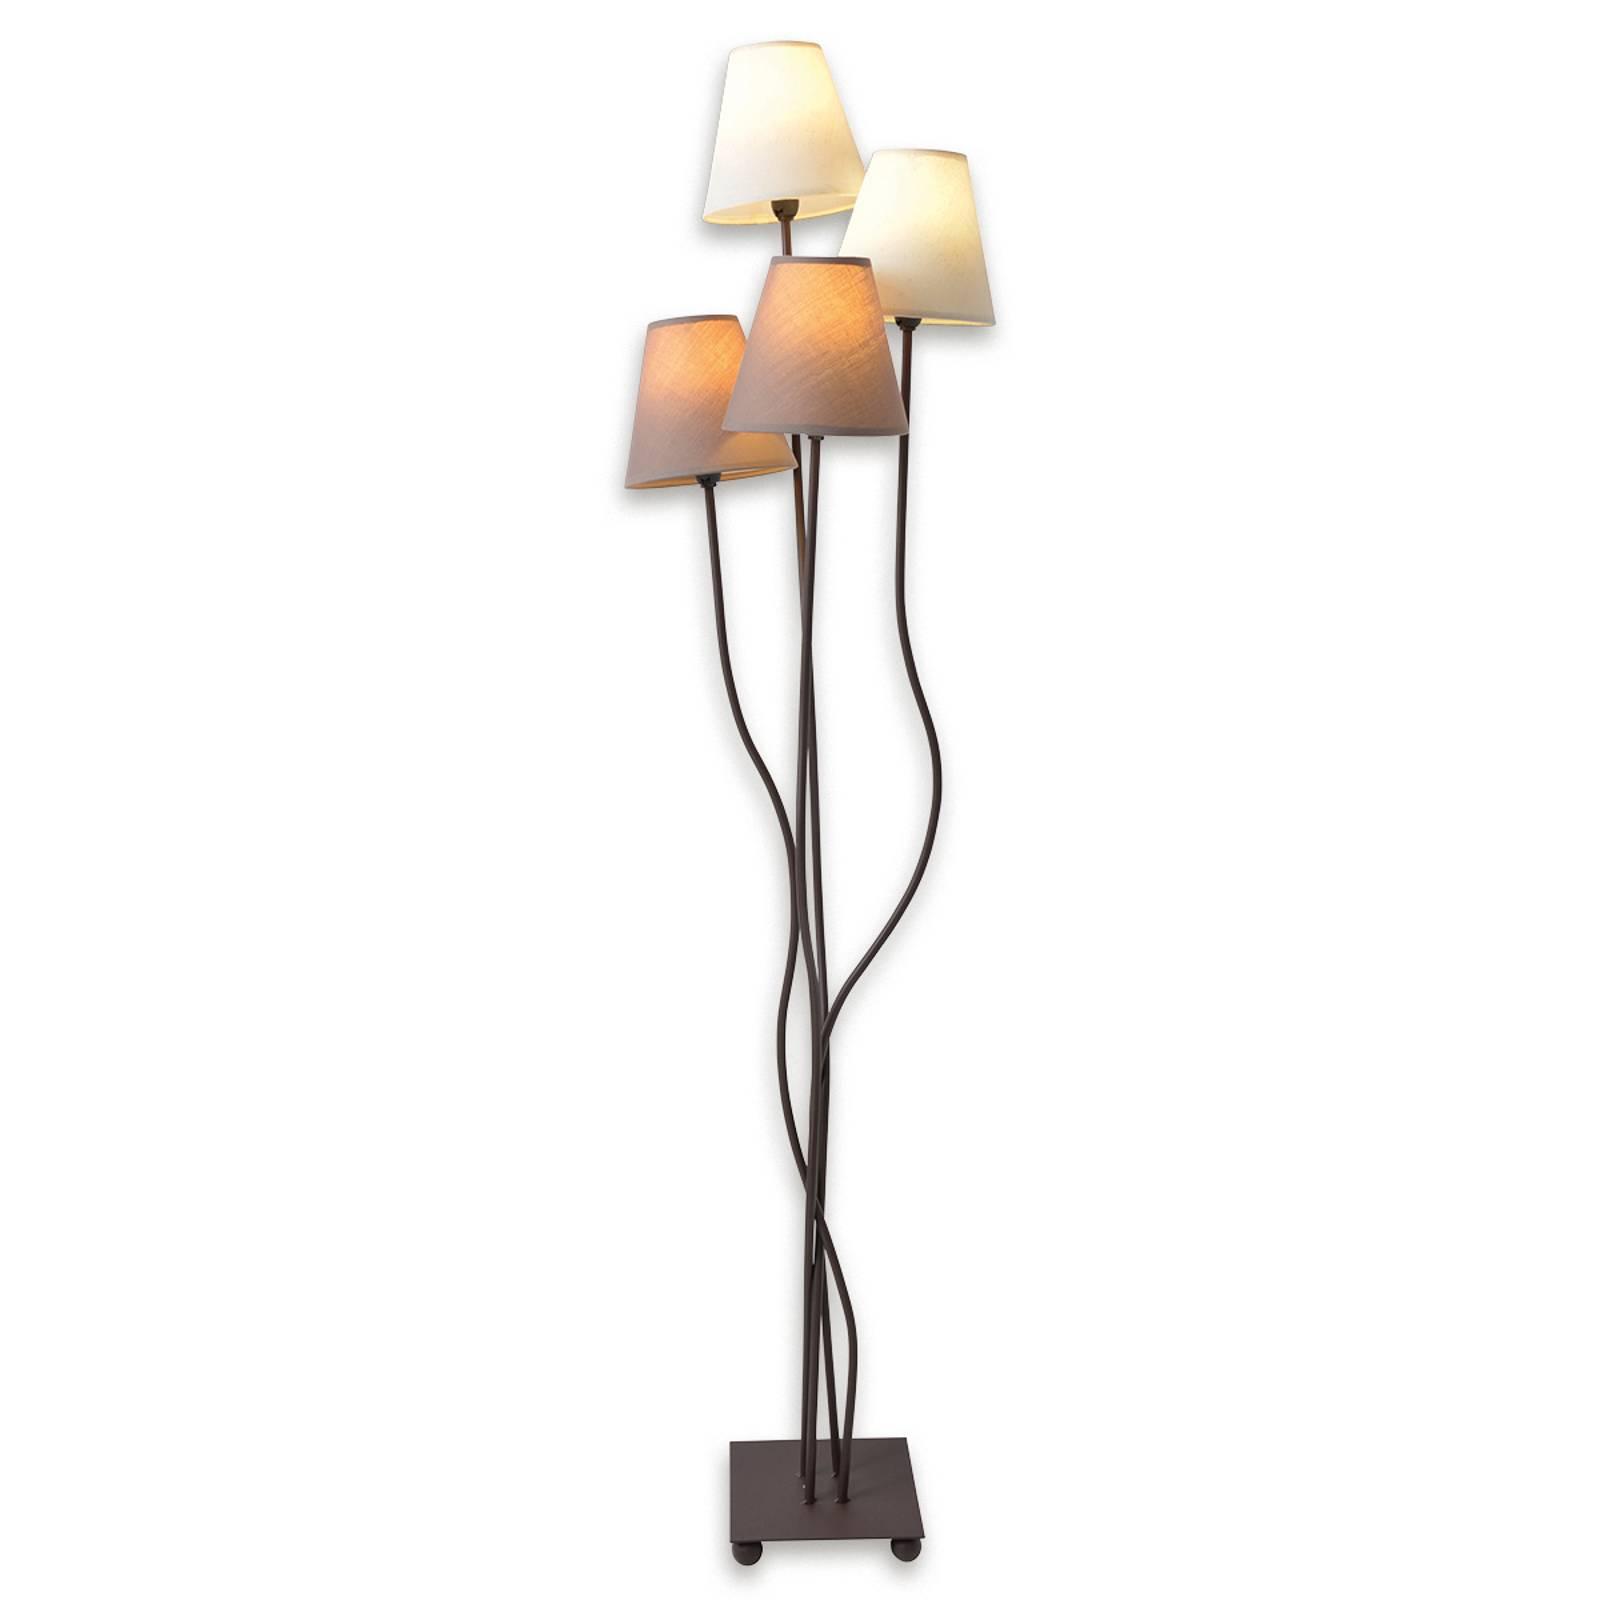 stehlampen und andere lampen von naeve leuchten online kaufen bei m bel garten. Black Bedroom Furniture Sets. Home Design Ideas